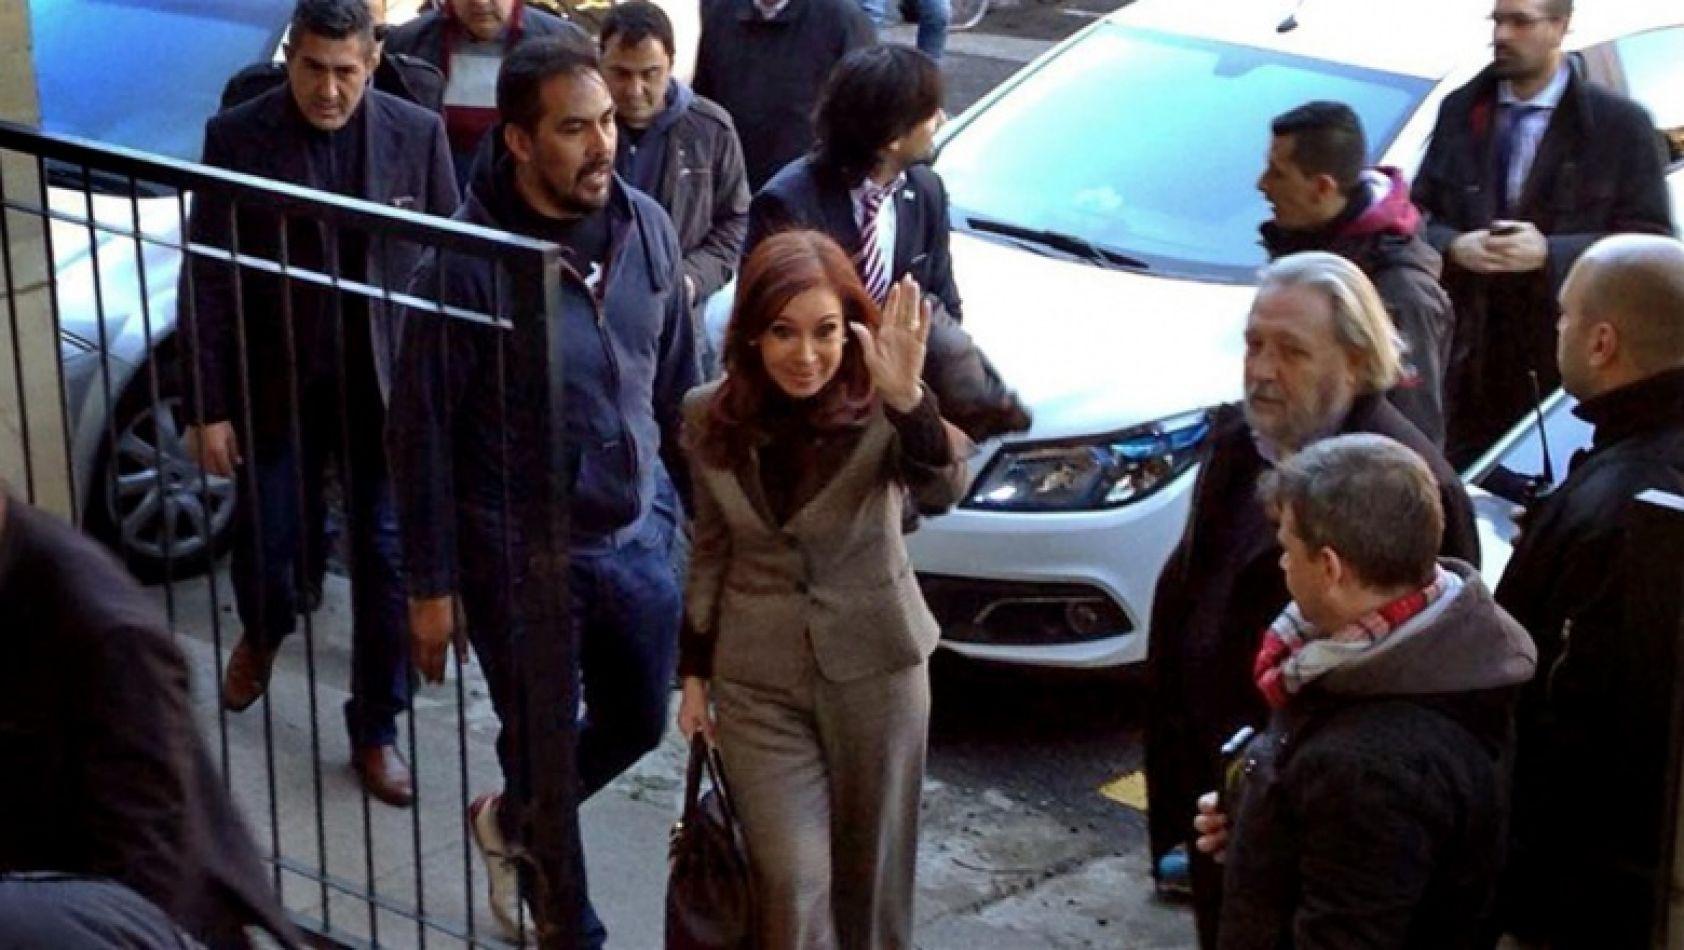 Hoy comienza el juicio oral contra CFK